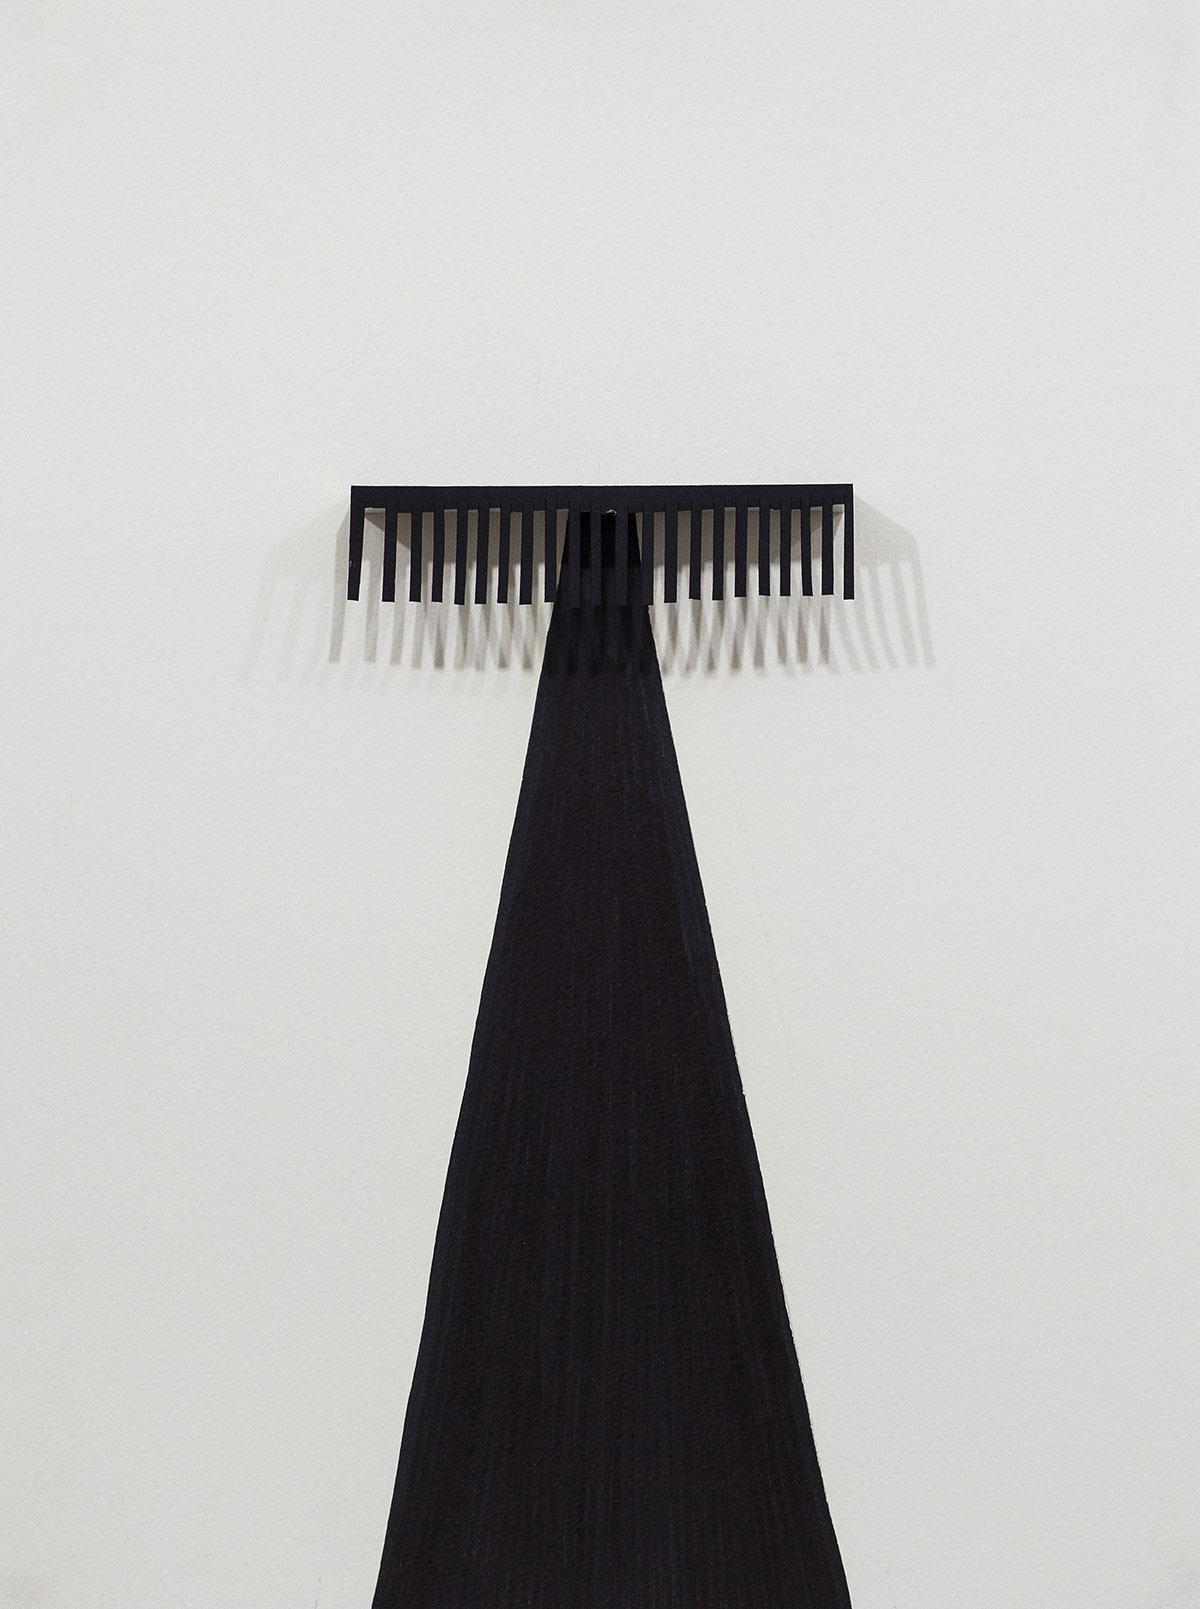 2017 Untitled 5 | Liat Klein